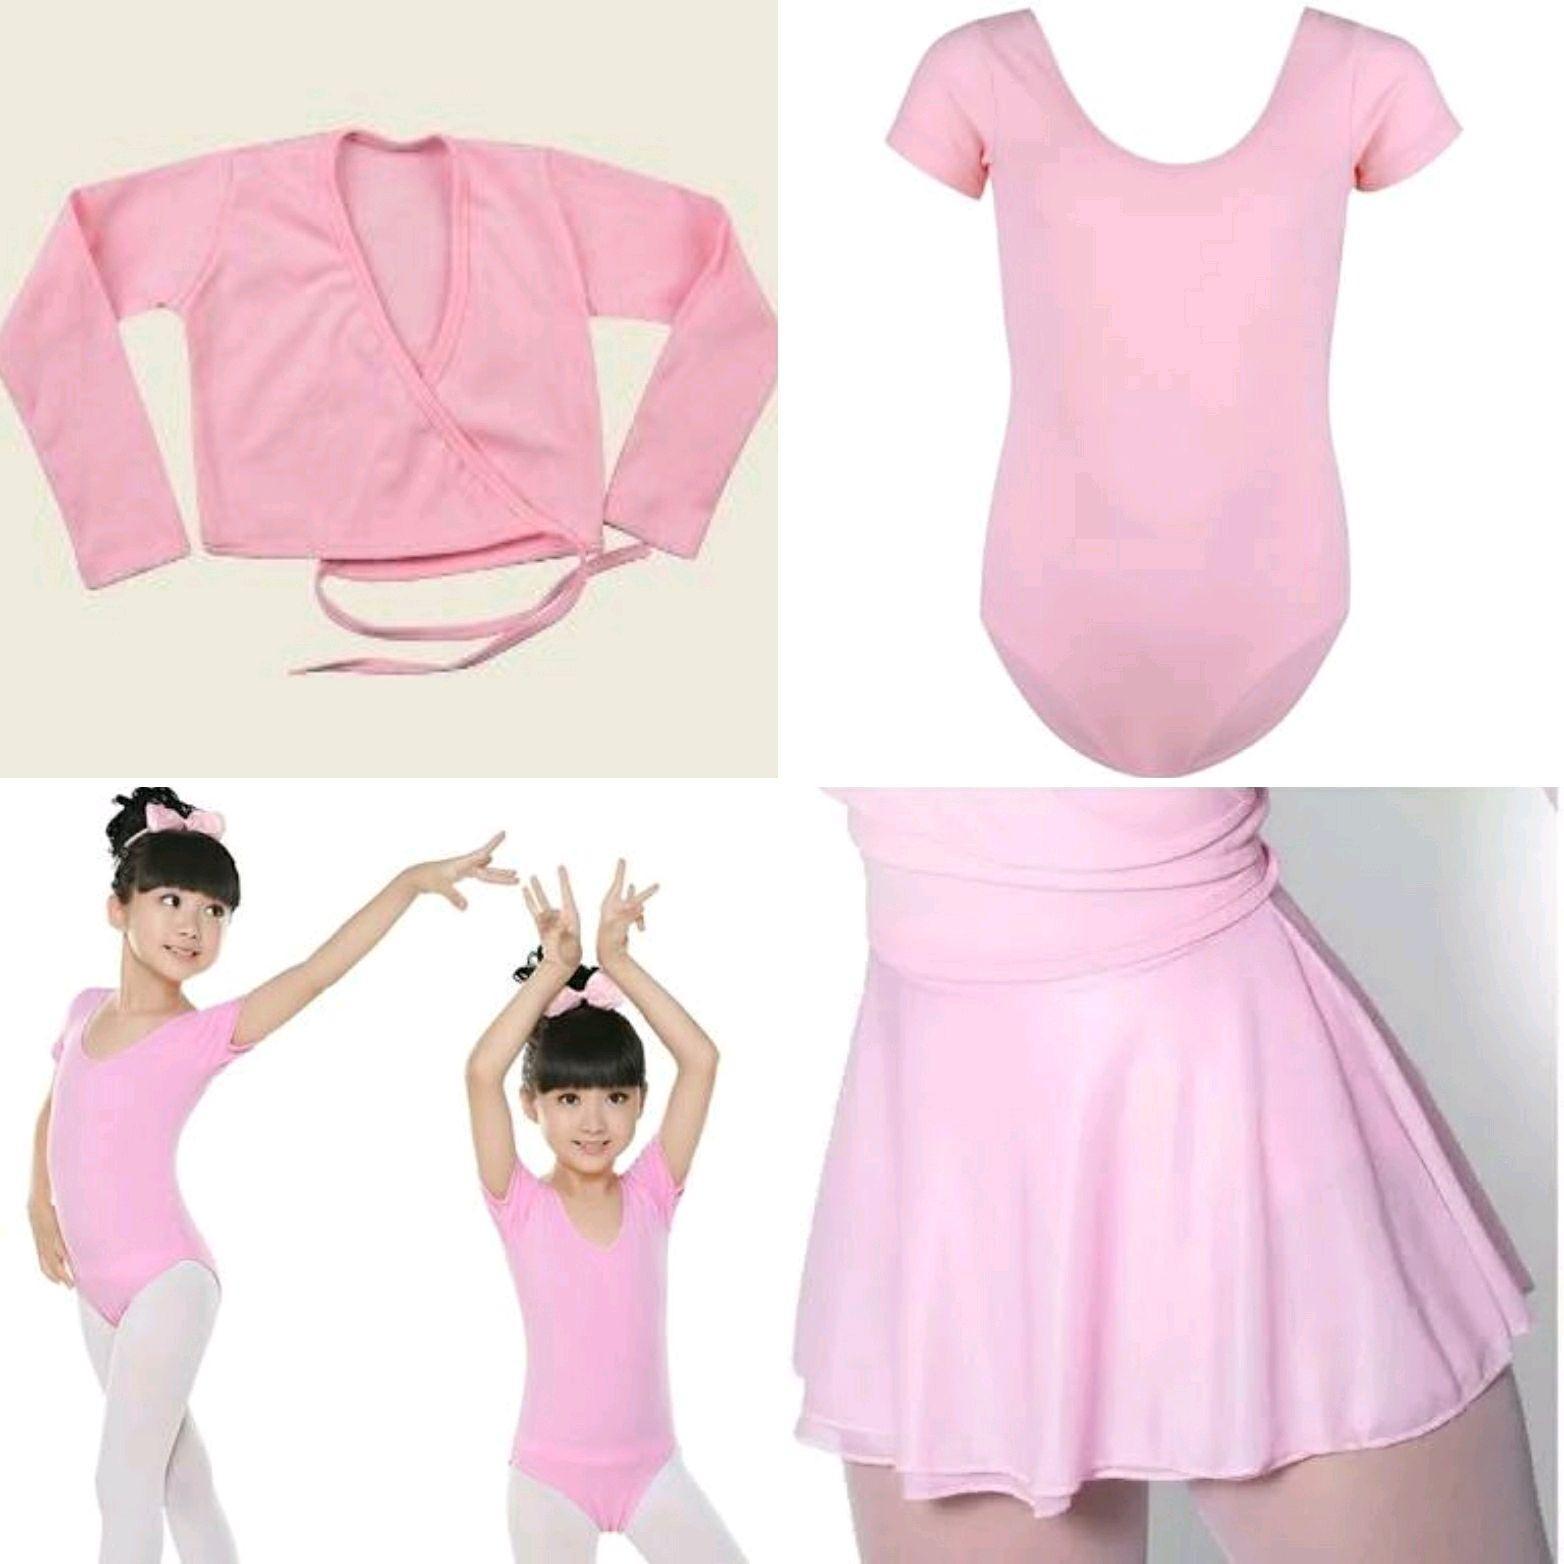 334f825dc2 Roupa de ballet infantil collant casaquinho e saia de balé no Elo7 ...